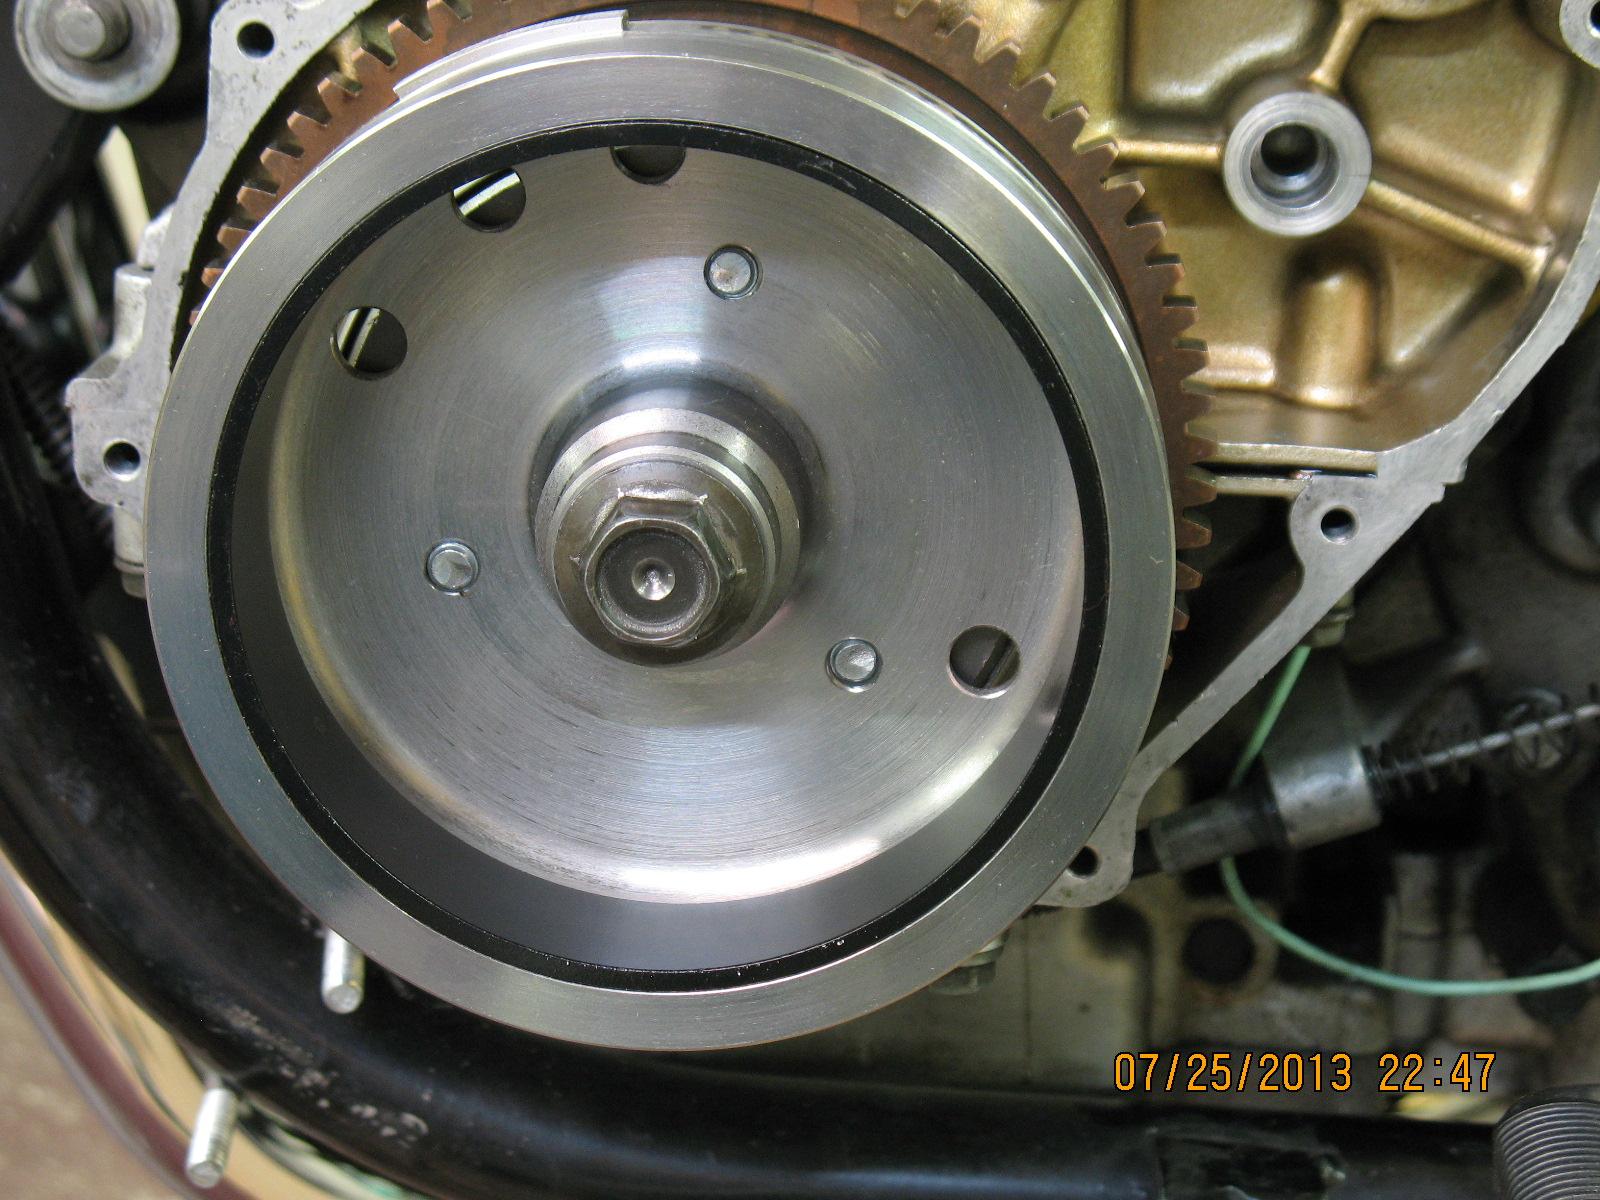 KZ 1100 - broken flywheel magnets - KZRider Forum - KZRider